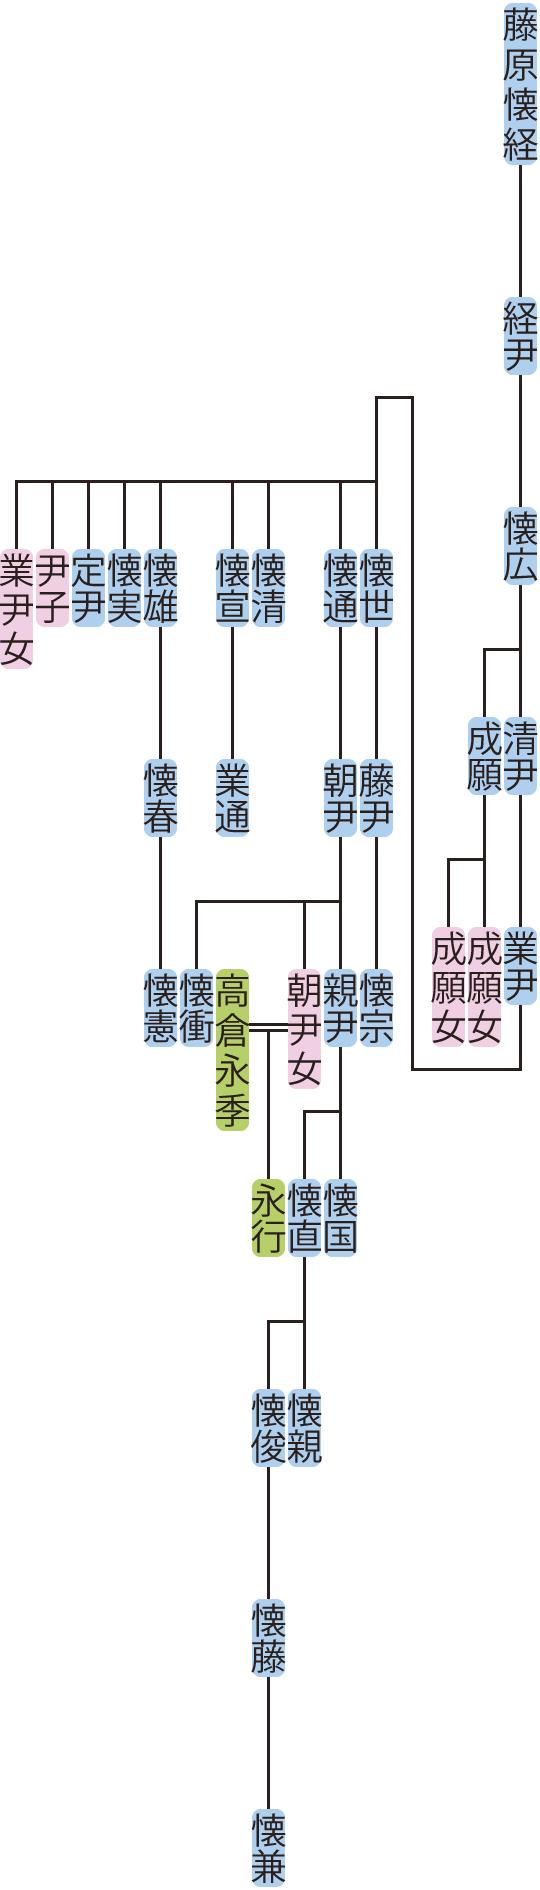 藤原懐広の系図